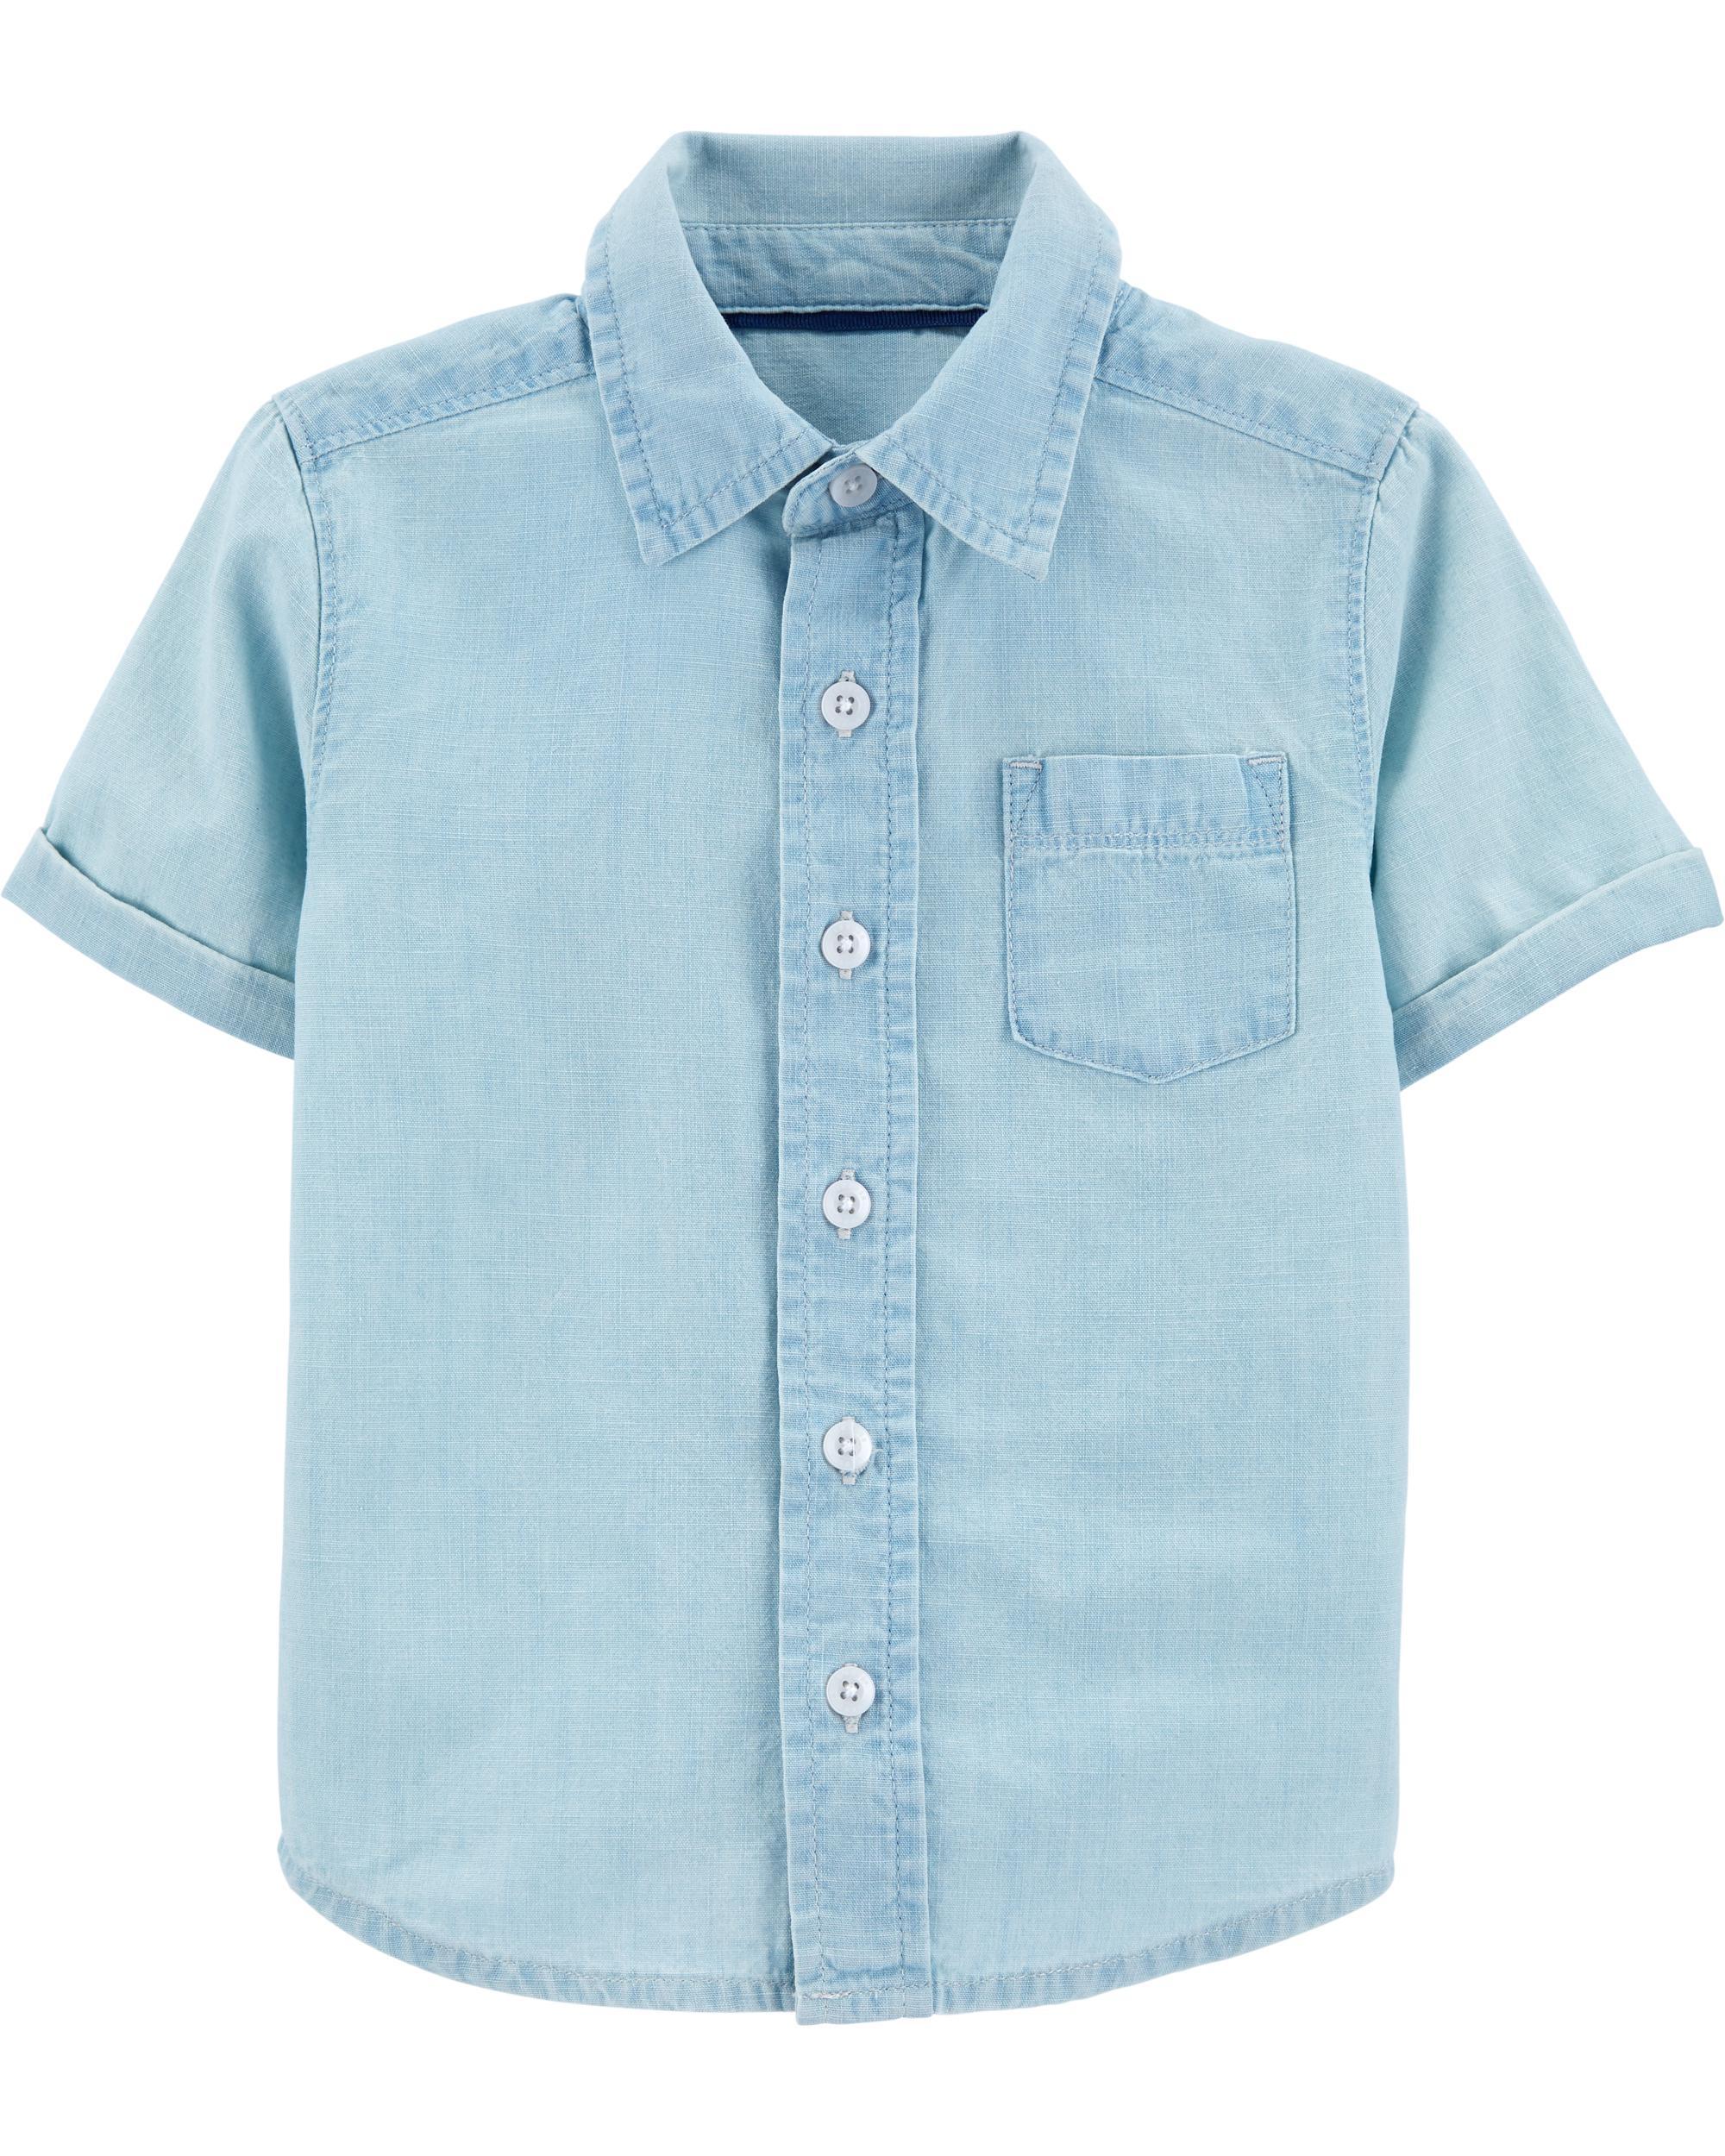 Oshkosh cămașă cu maneci scurte imagine